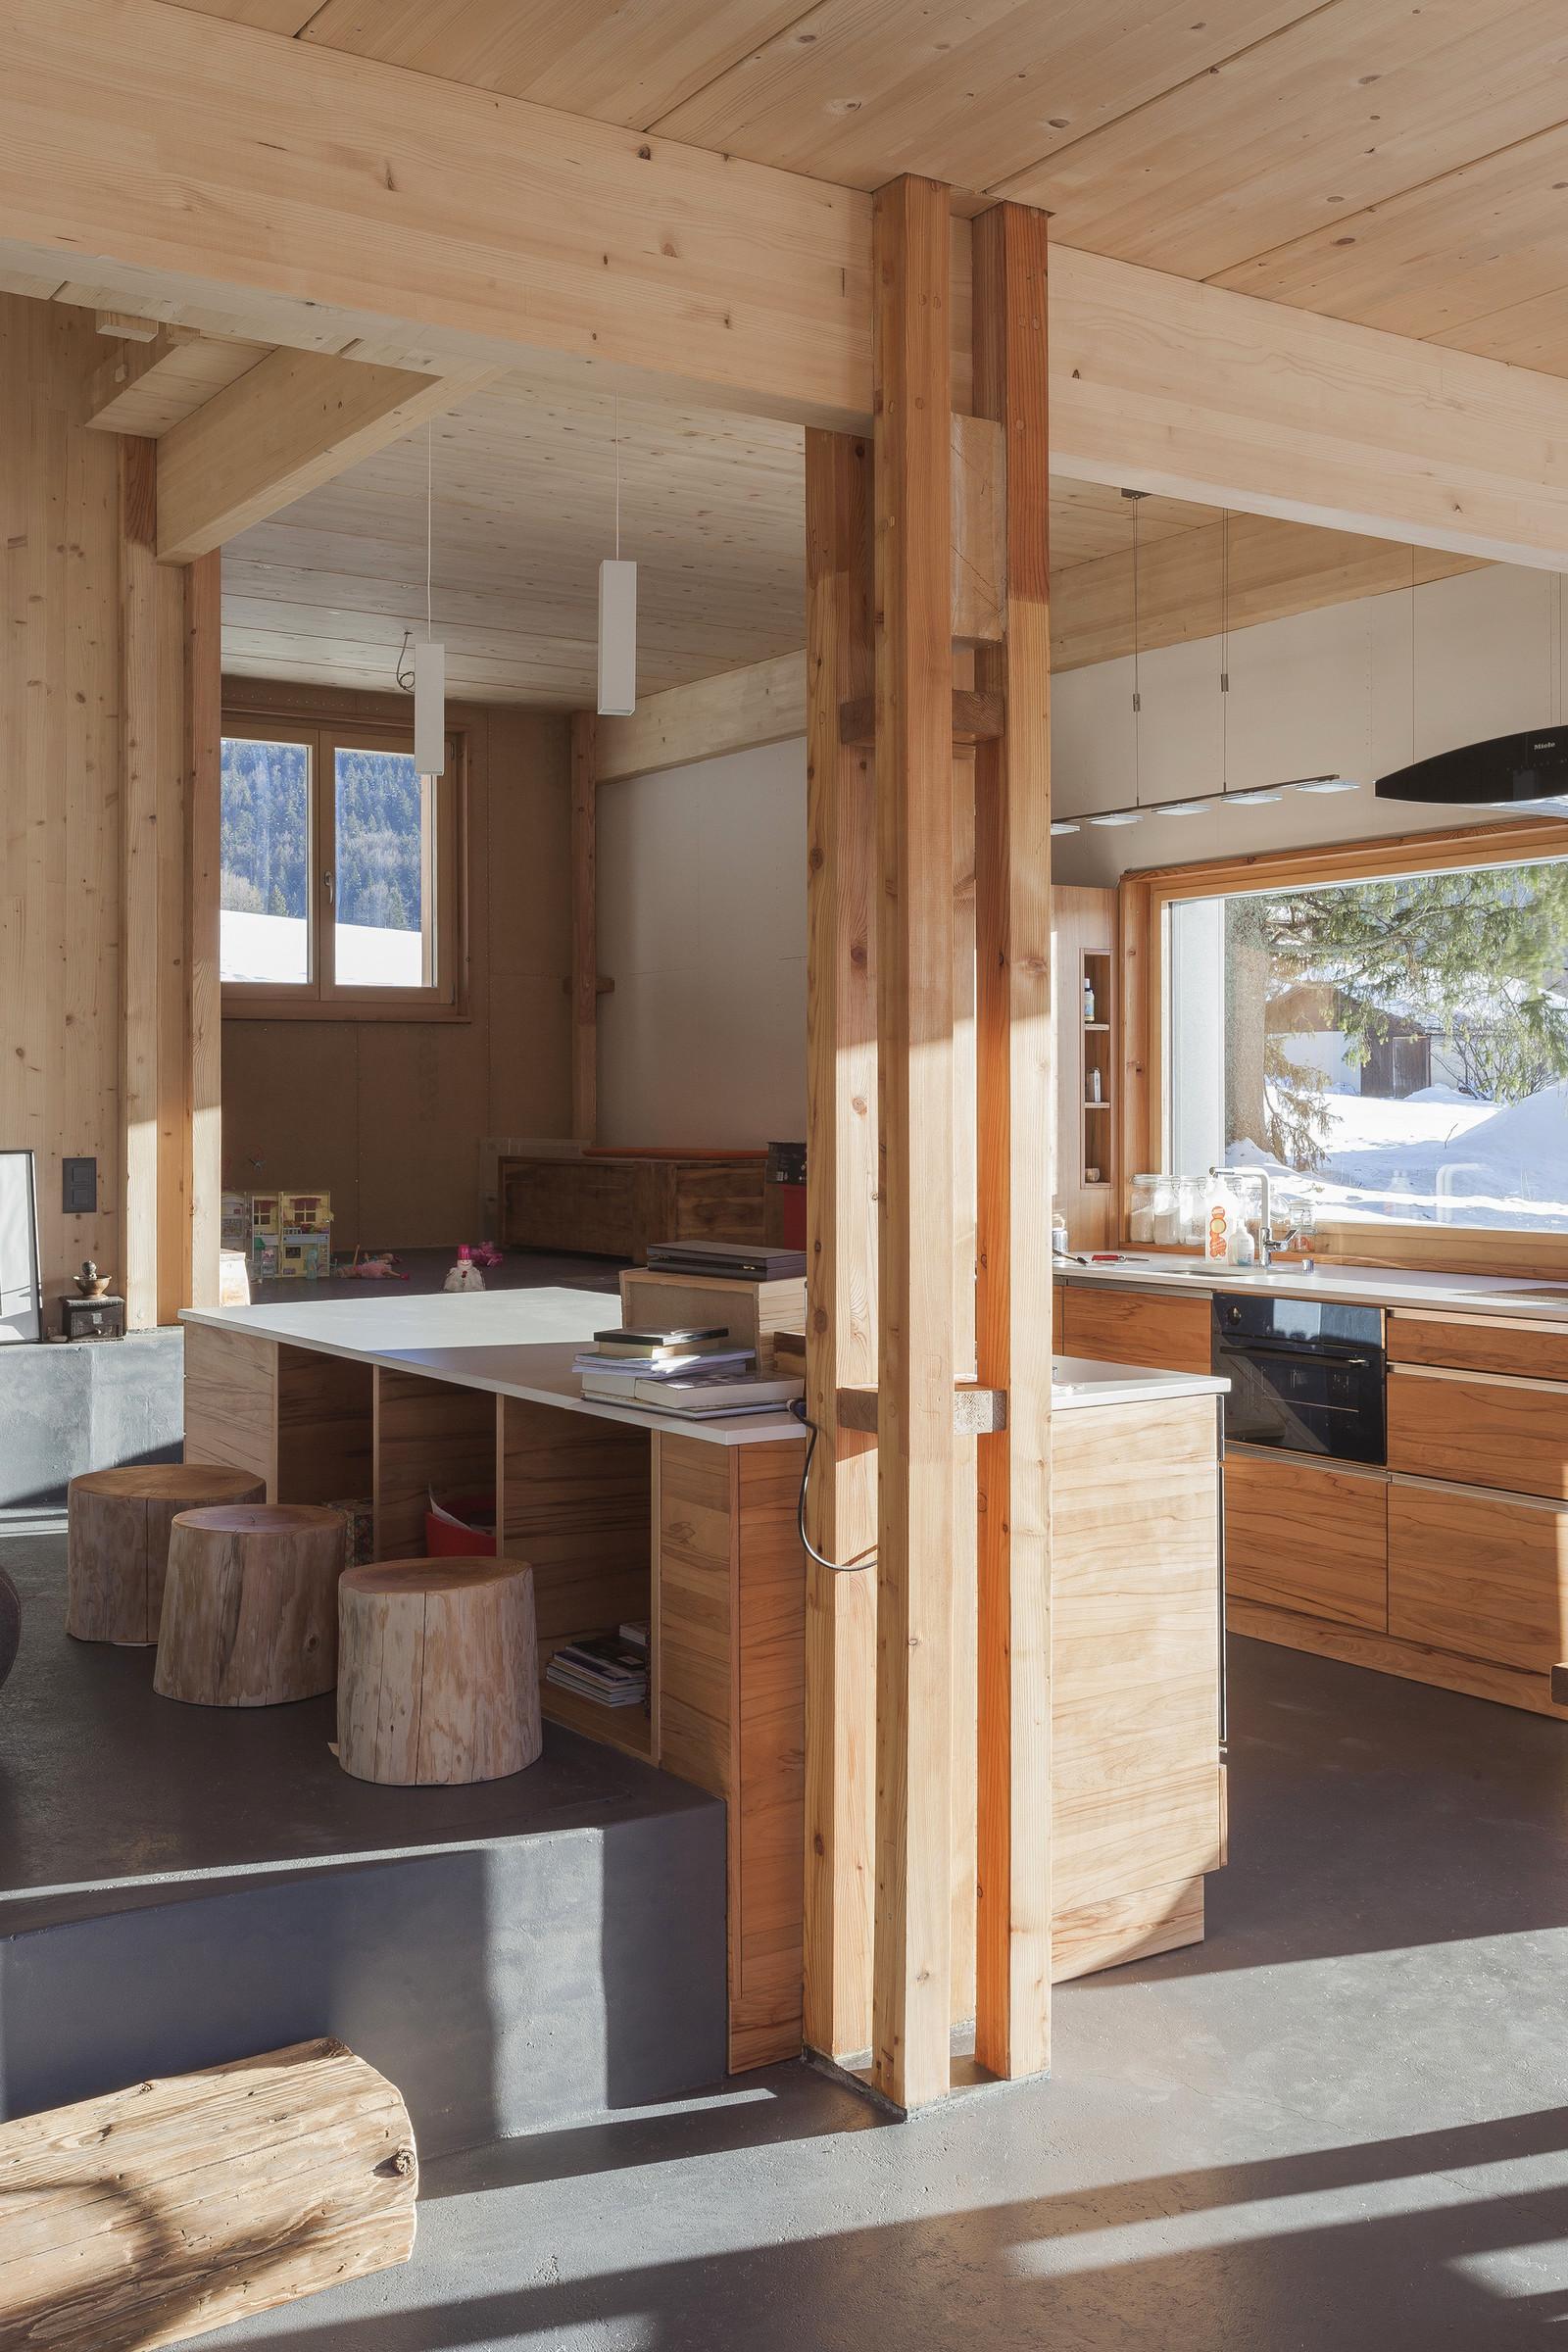 cottage-r-just3ds.com-8